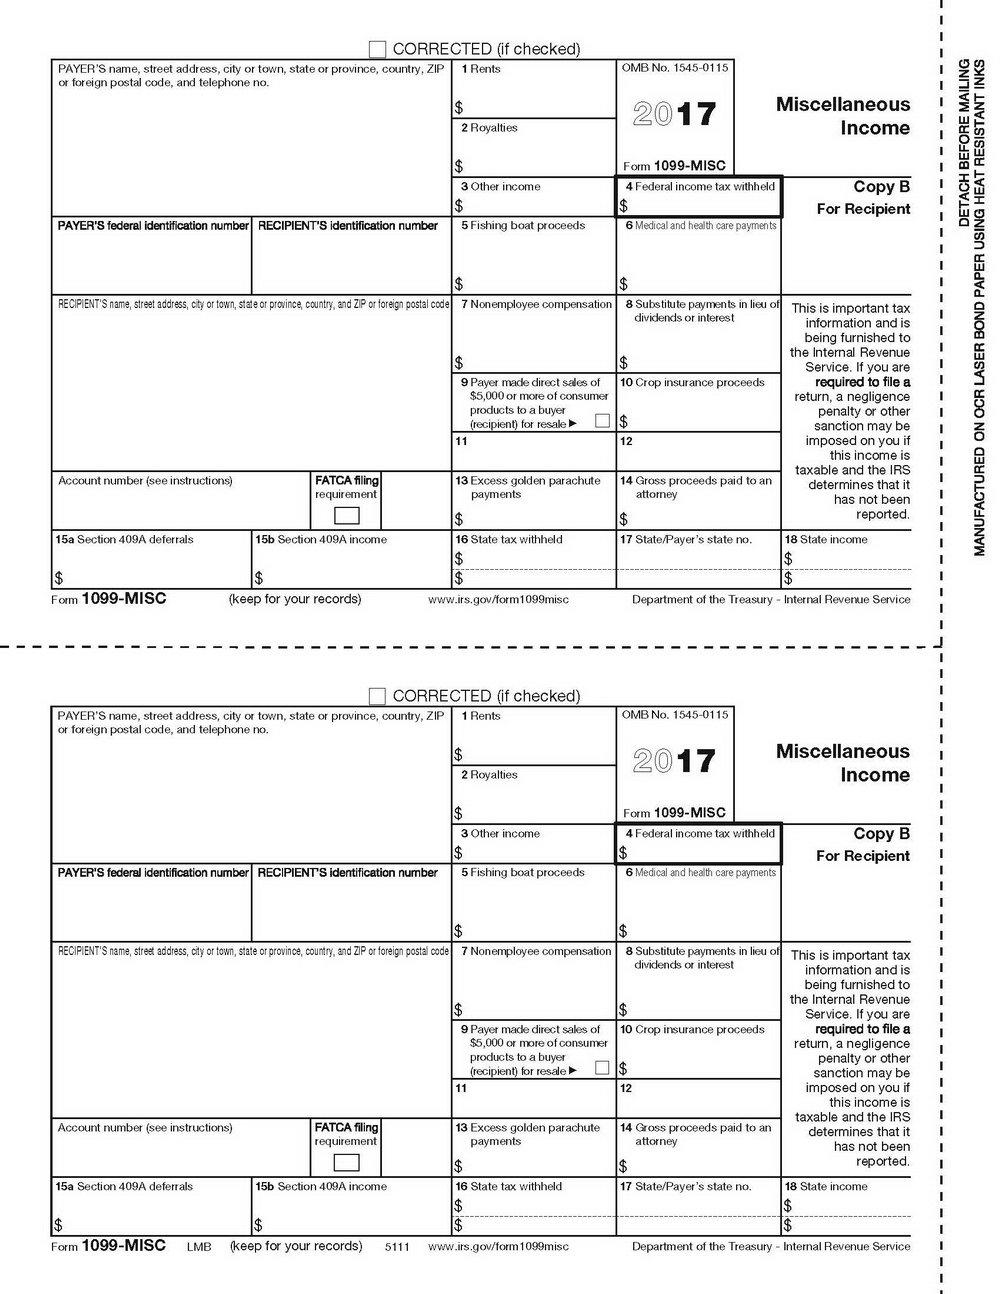 Free Printable 1099 Tax Form